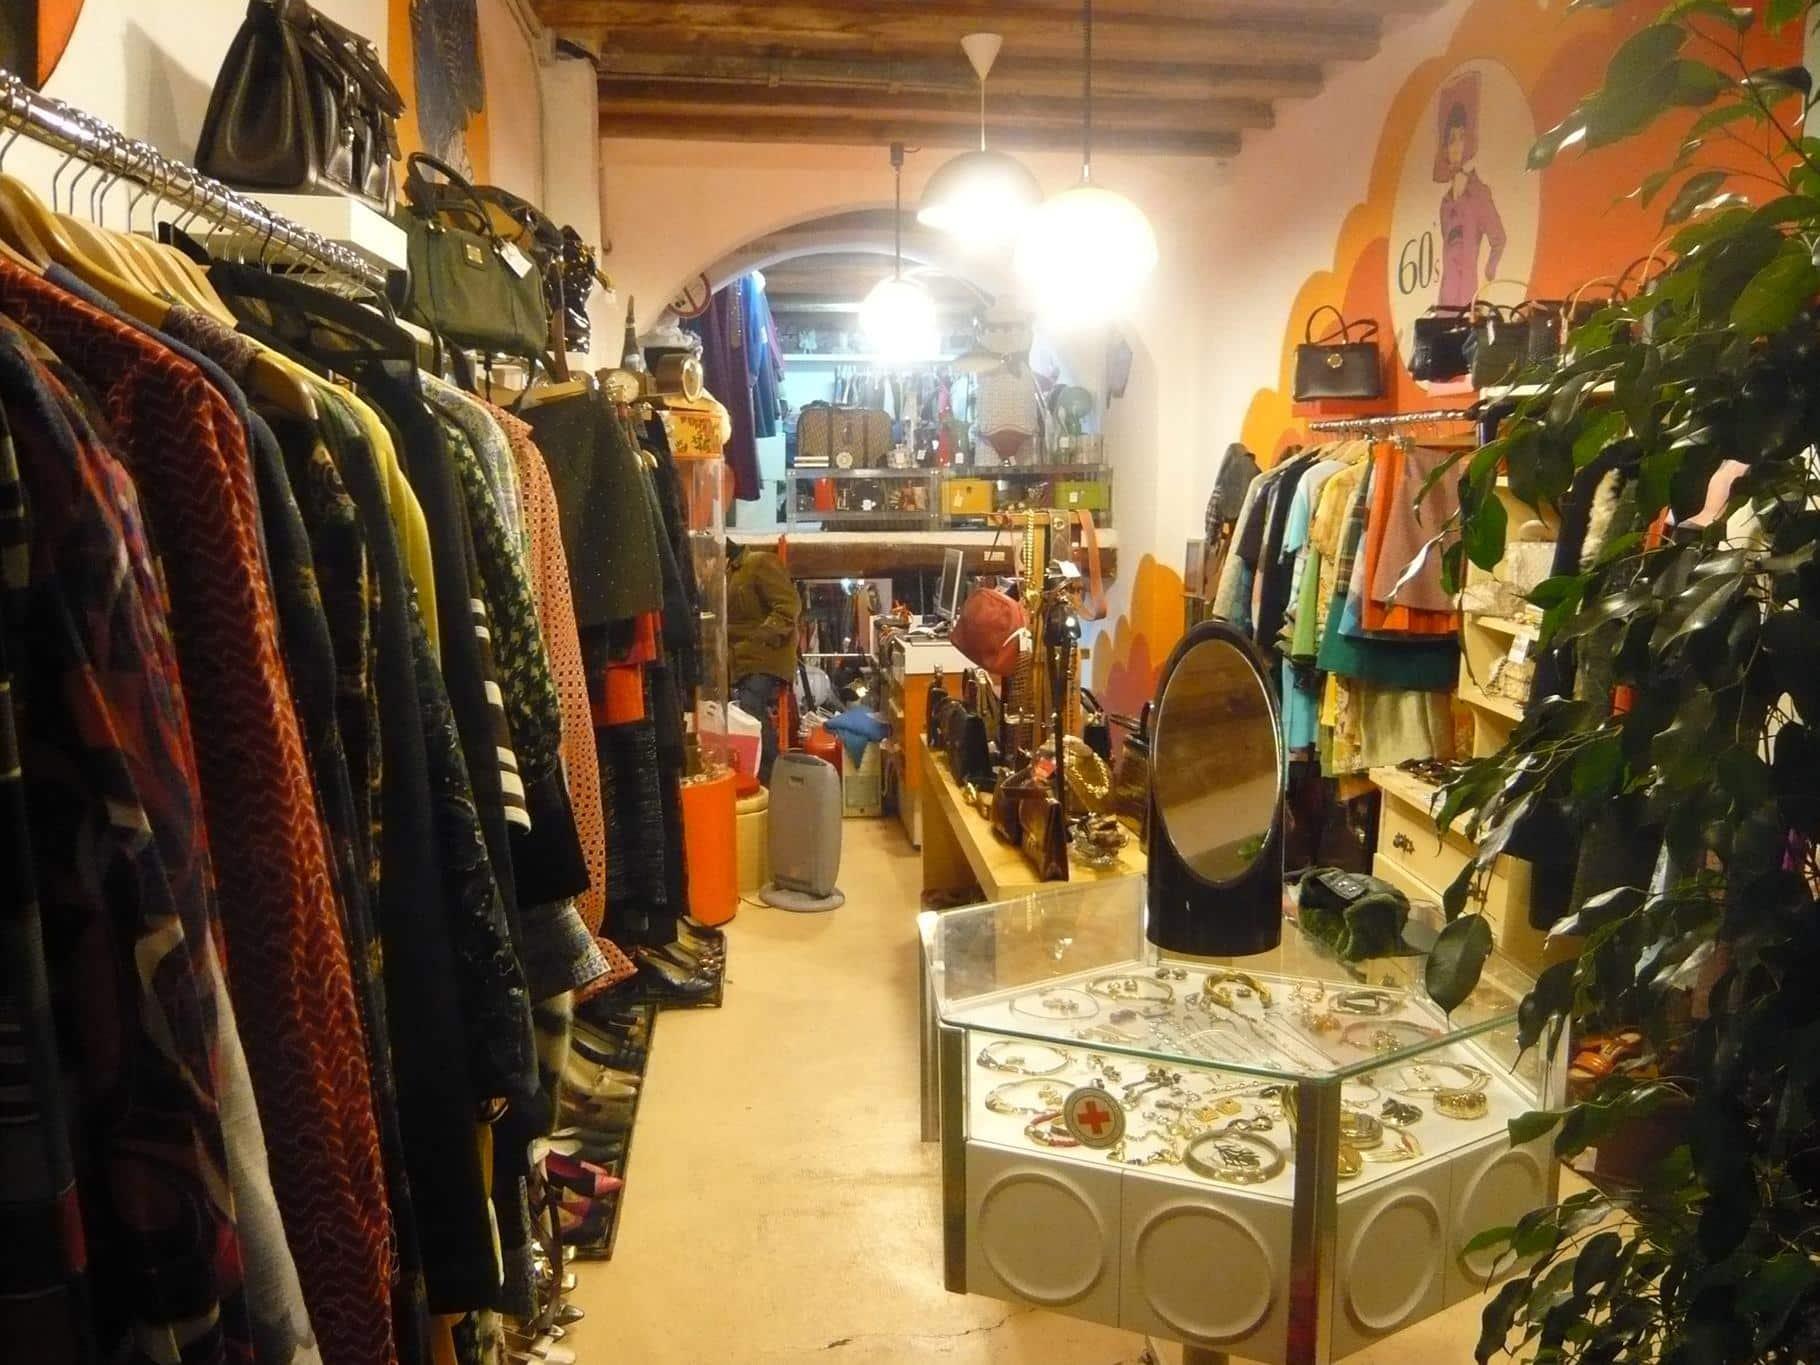 ¿Te gusta la decoración vintage? Estas 3 tiendas te encantarán - tiendas-en-barcelona, novedades, lugares